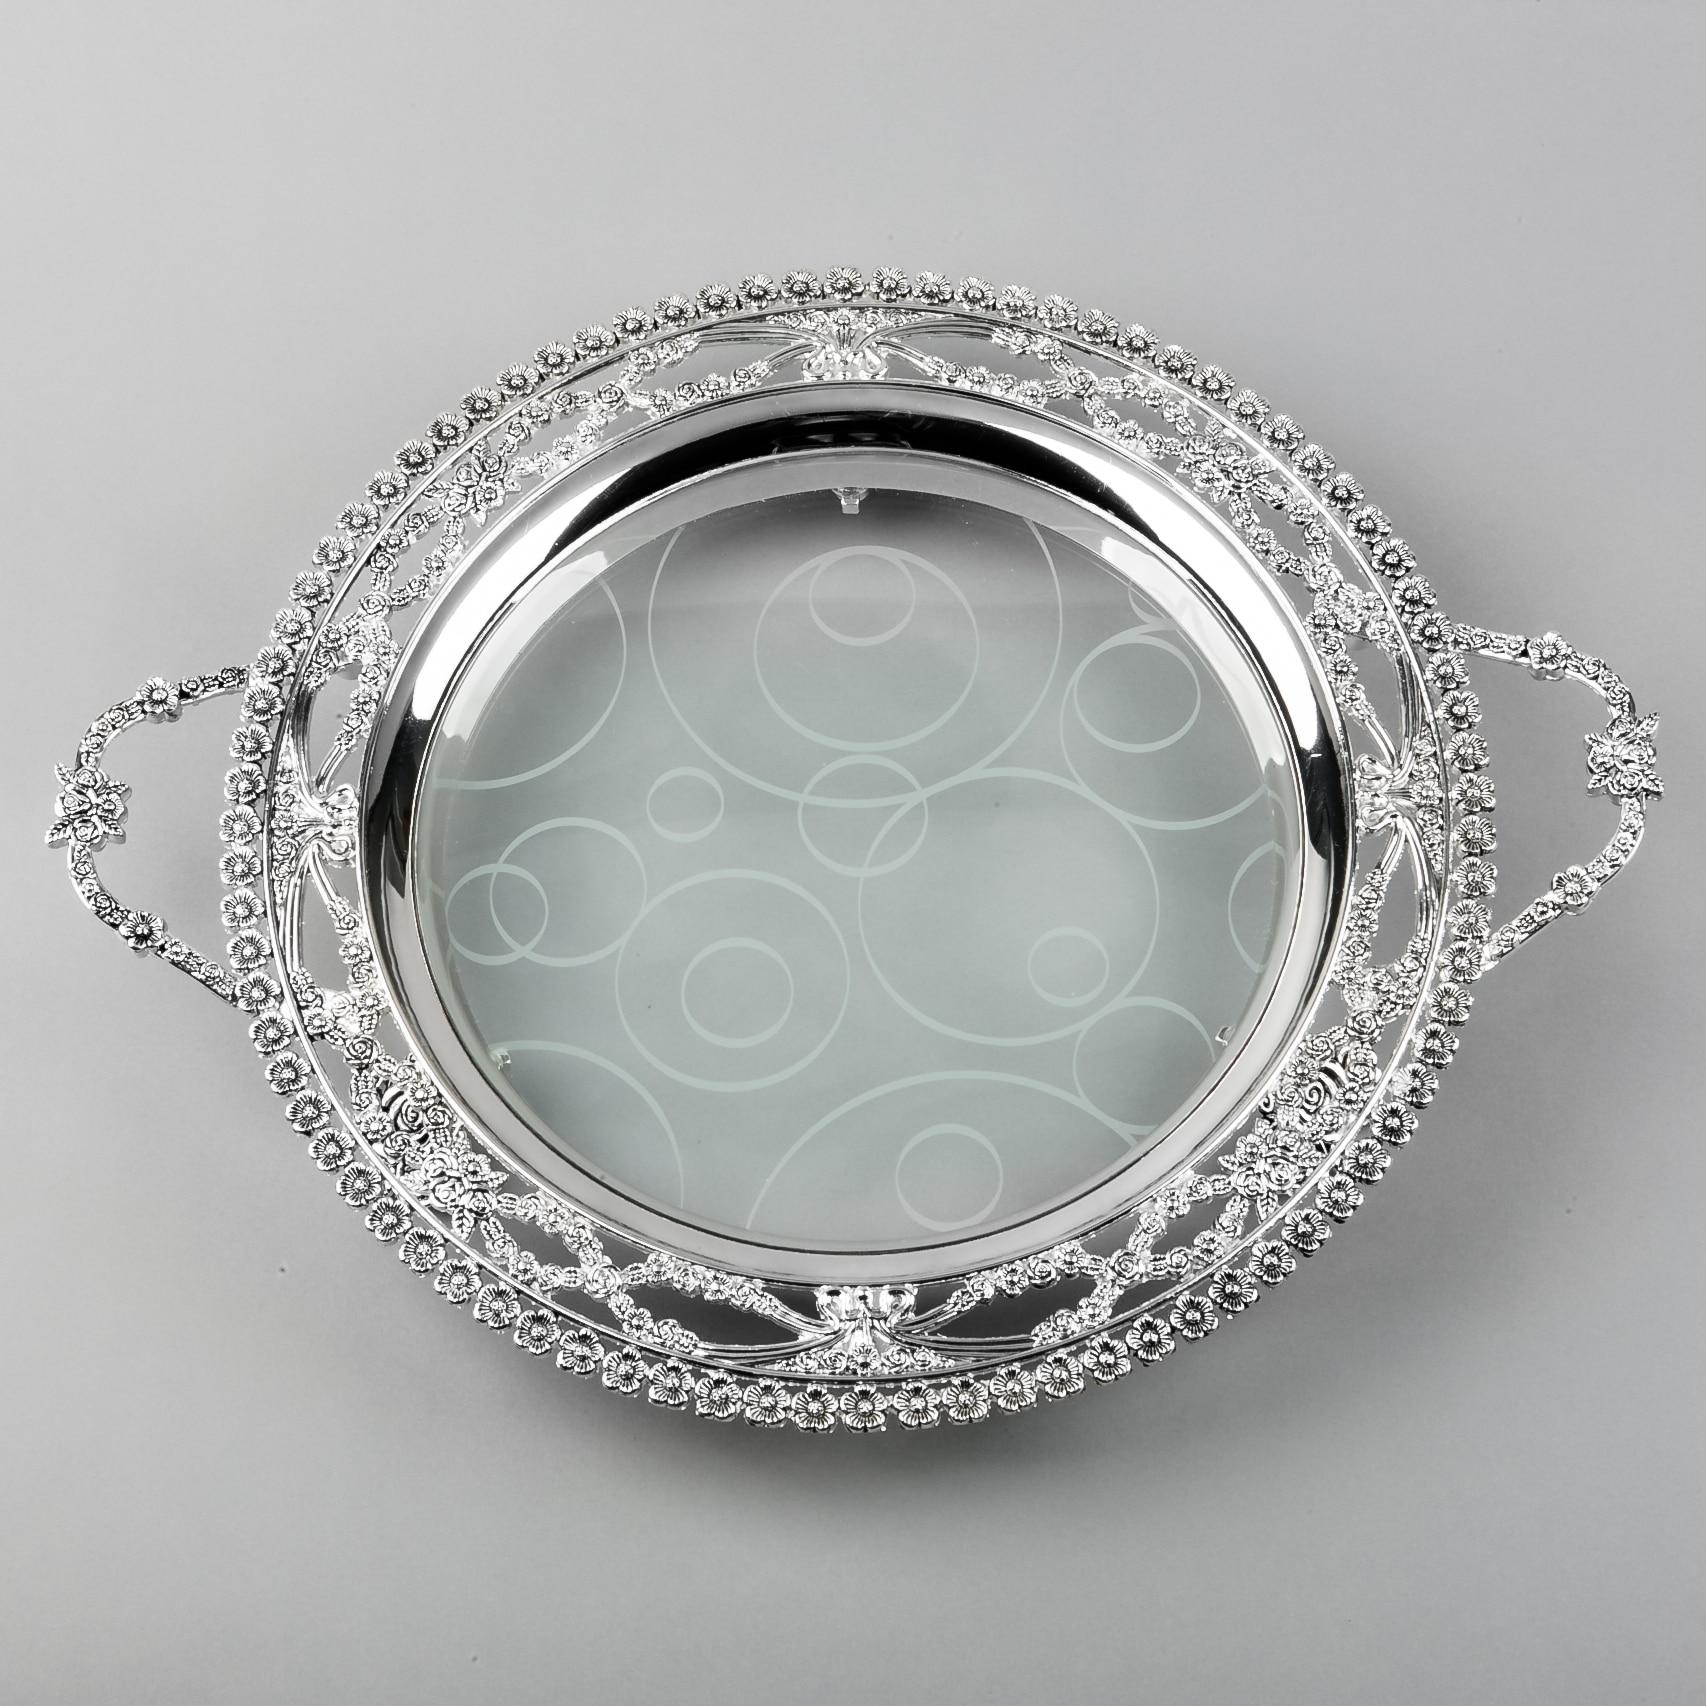 Accessoires de décoration de banquet royal de mode exquis teaberries qualité décoration de la maison assiette de fruits ronde